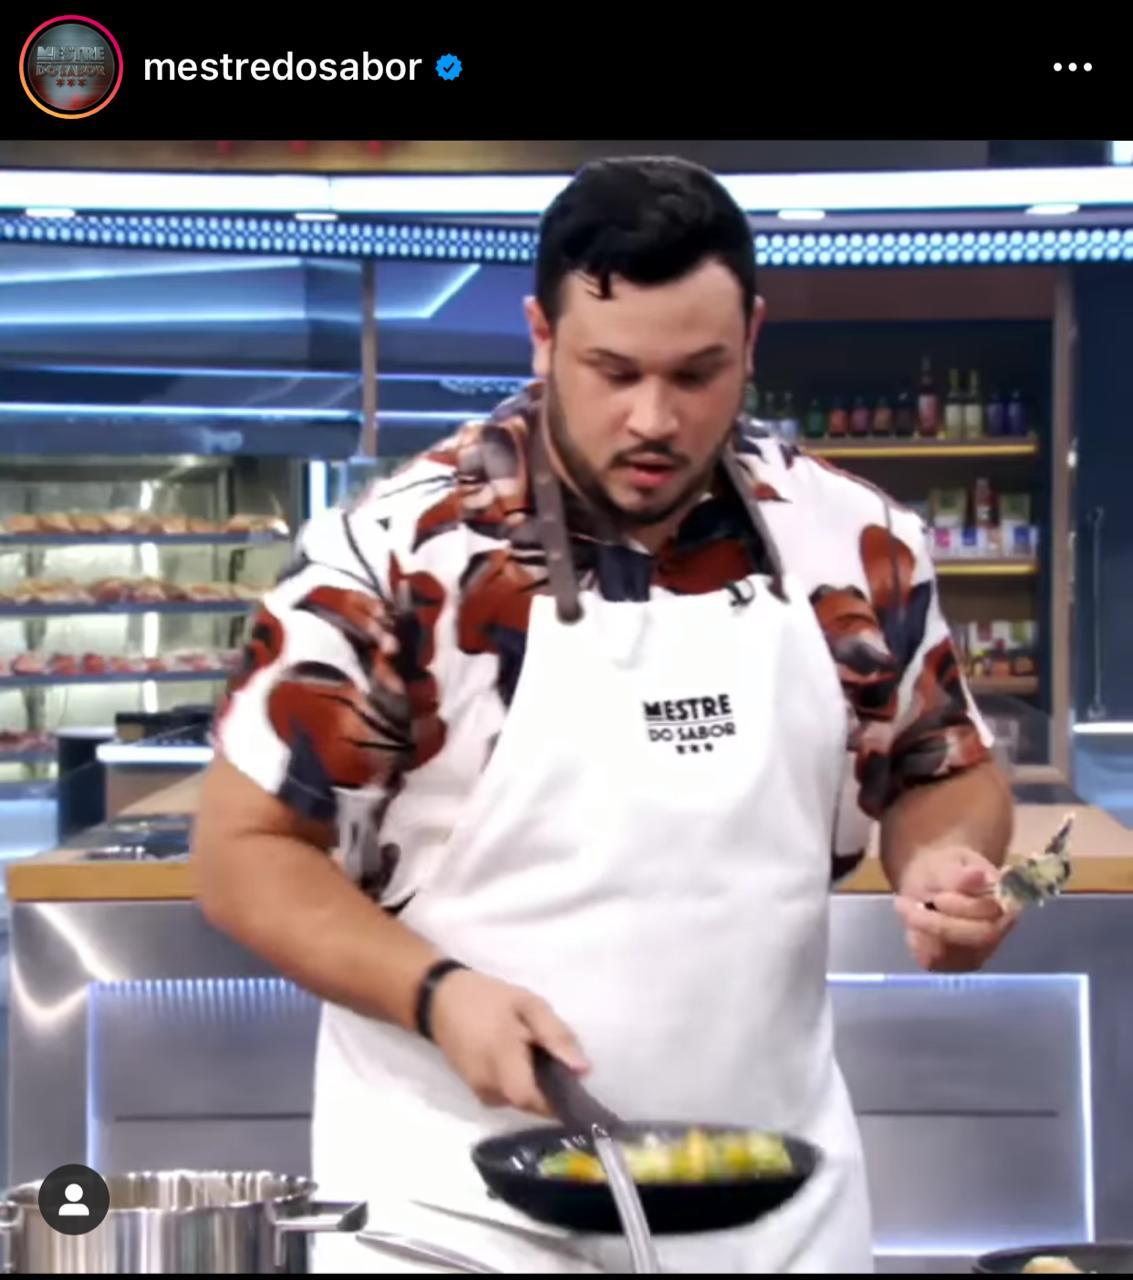 Chef Herschel Veras vai participar da nova edição do reality Mestre do Sabor